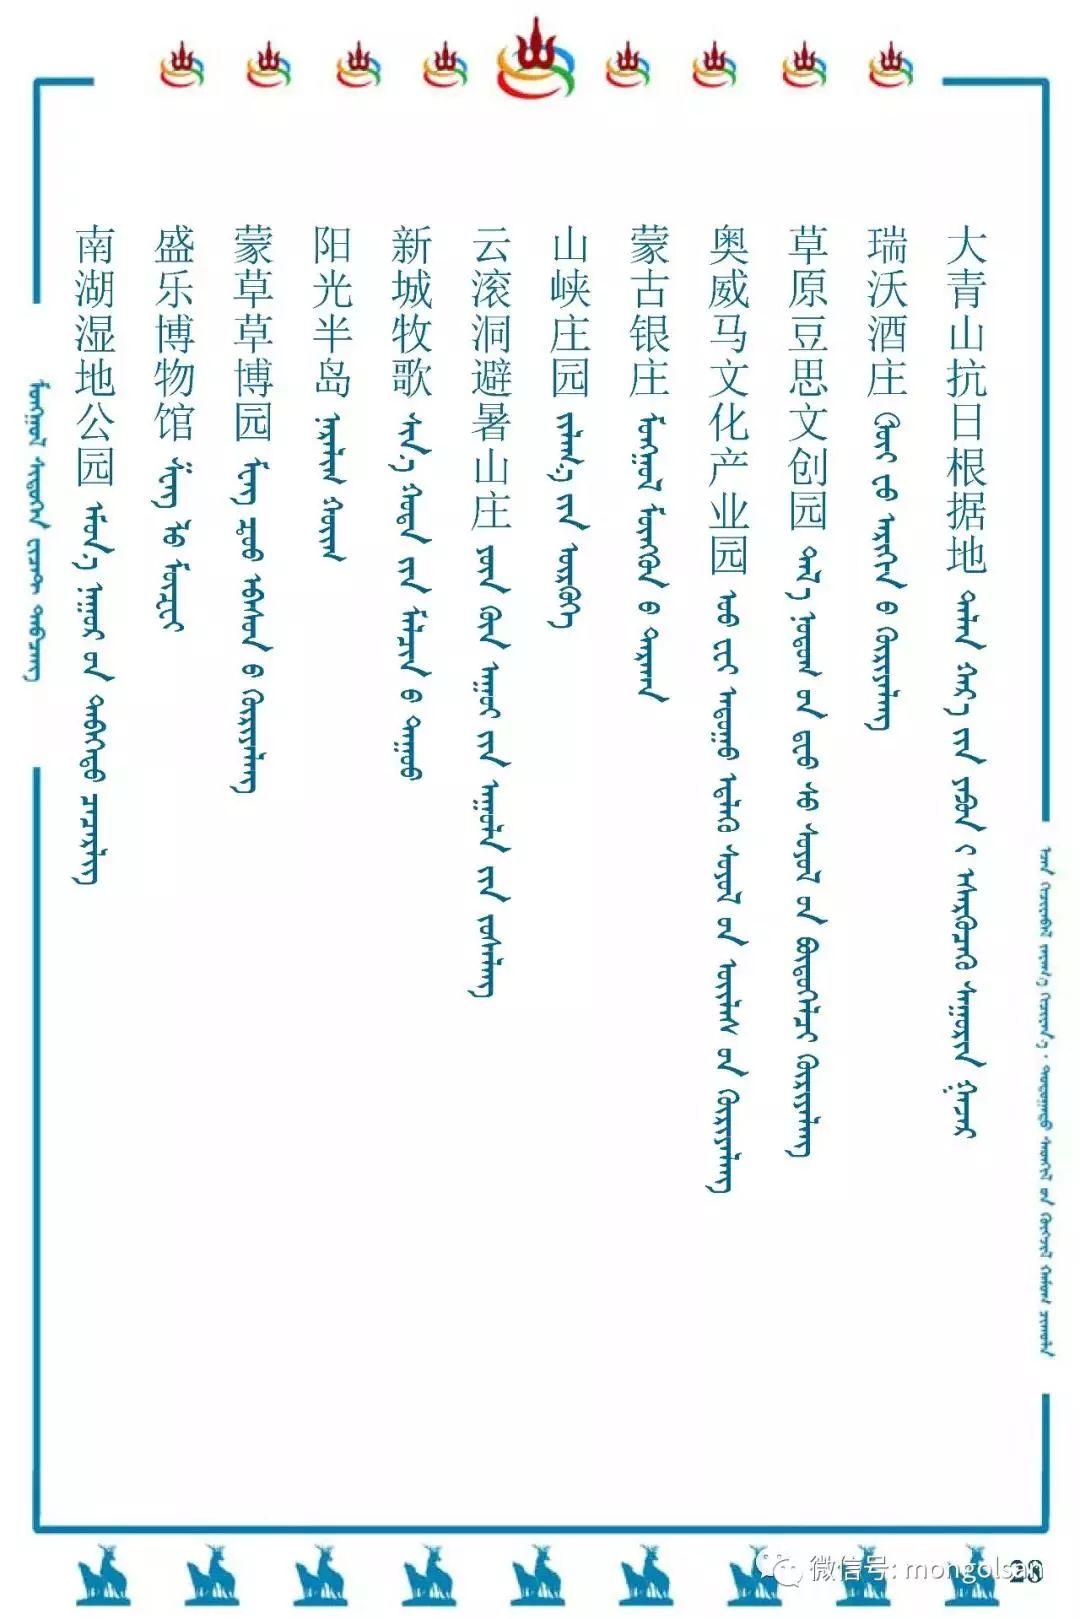 最新名词蒙古语翻译参考 第28张